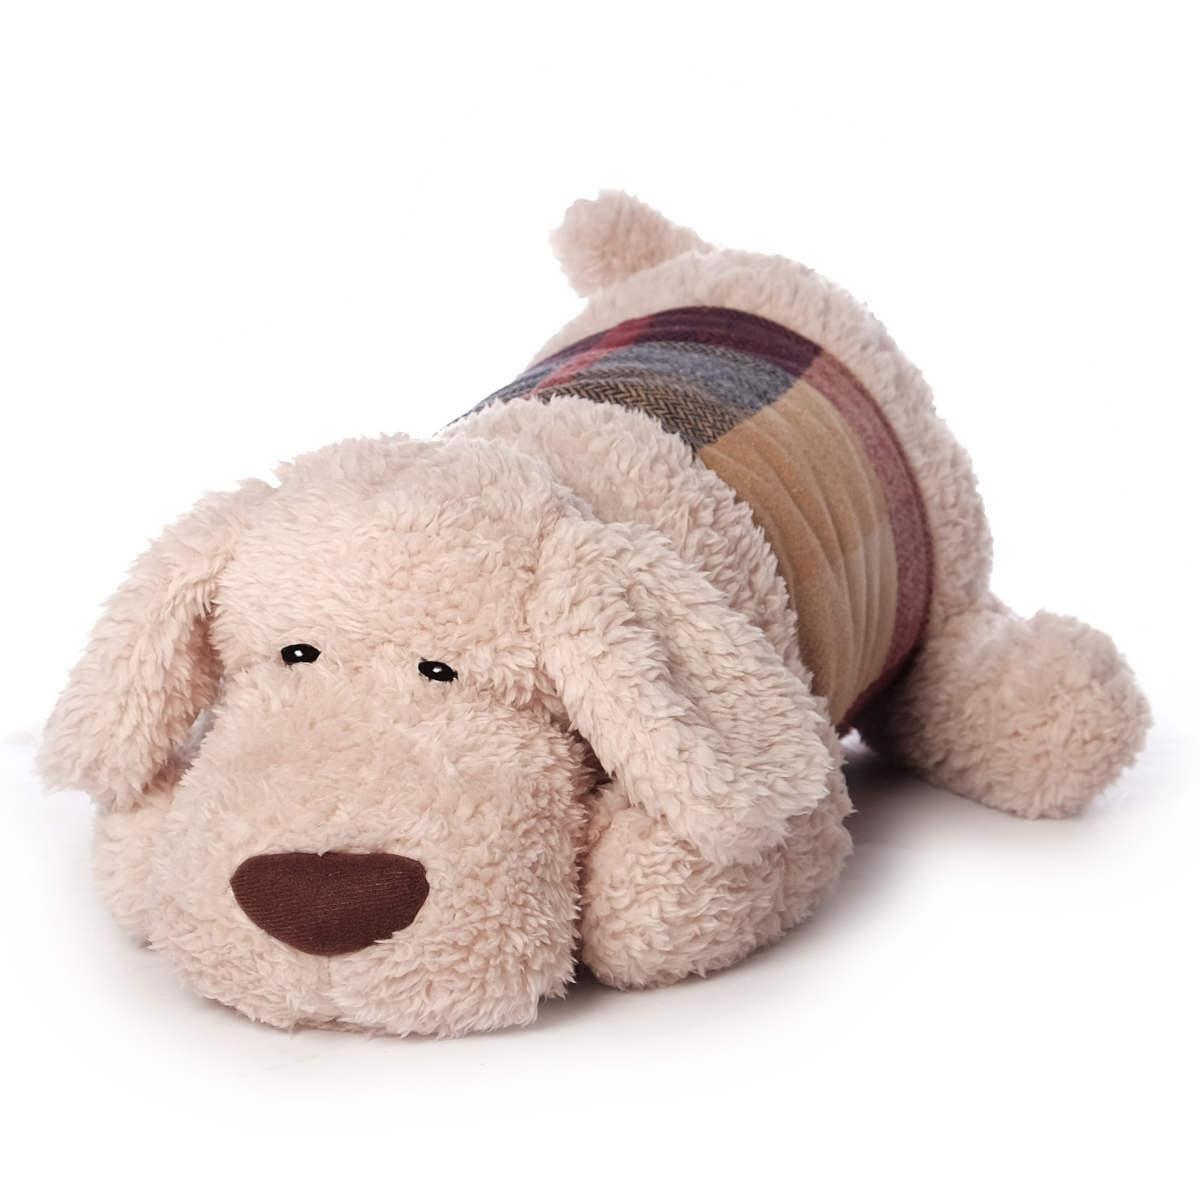 gro e kuschelkissen kinder xxl kuscheltier kissen hund oder husky 65 70 cm ebay. Black Bedroom Furniture Sets. Home Design Ideas